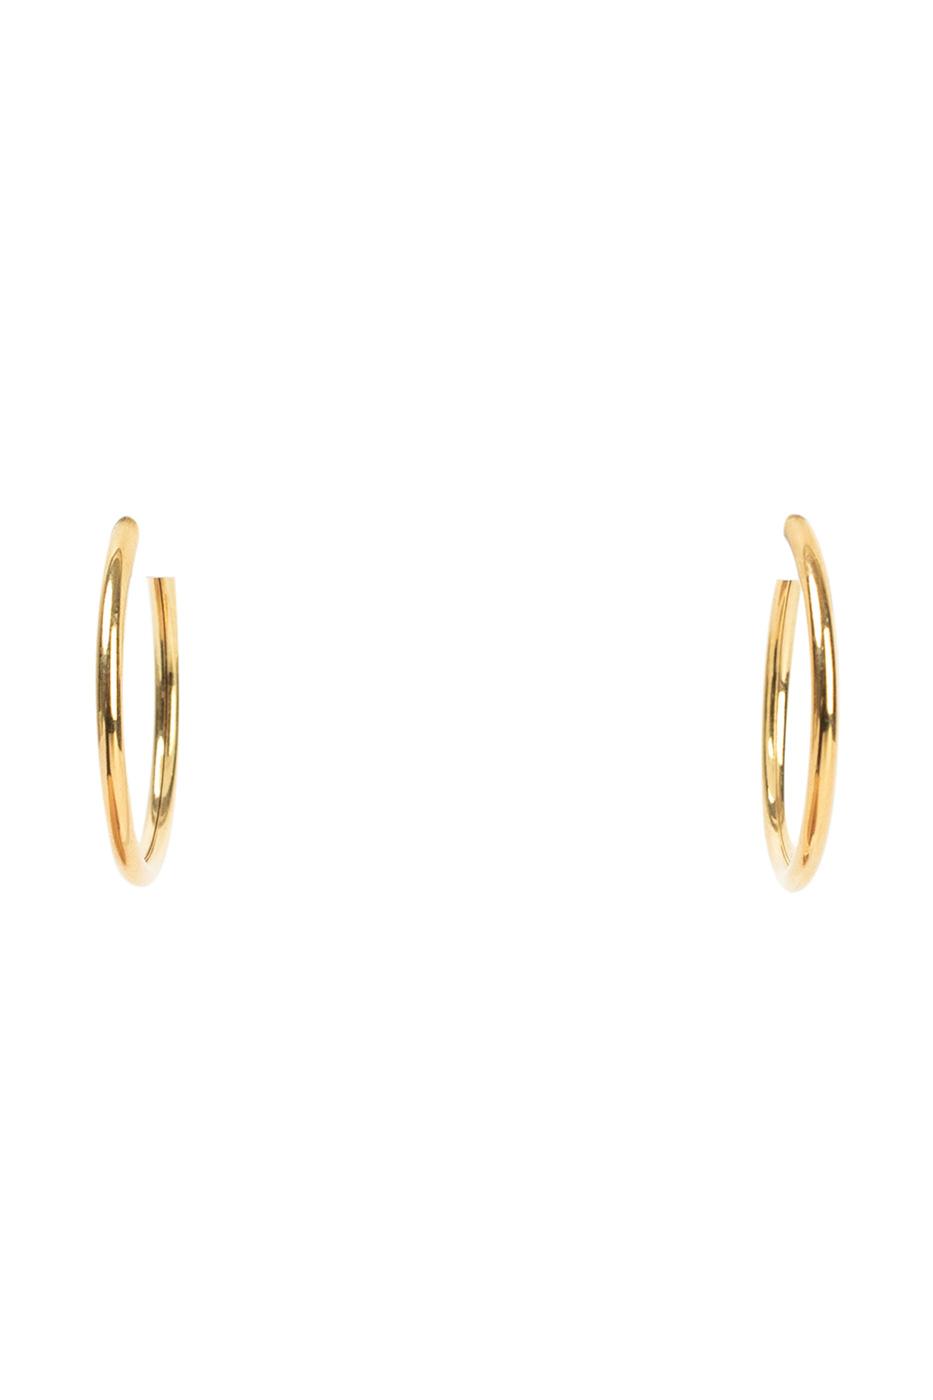 Simple big circle earrings